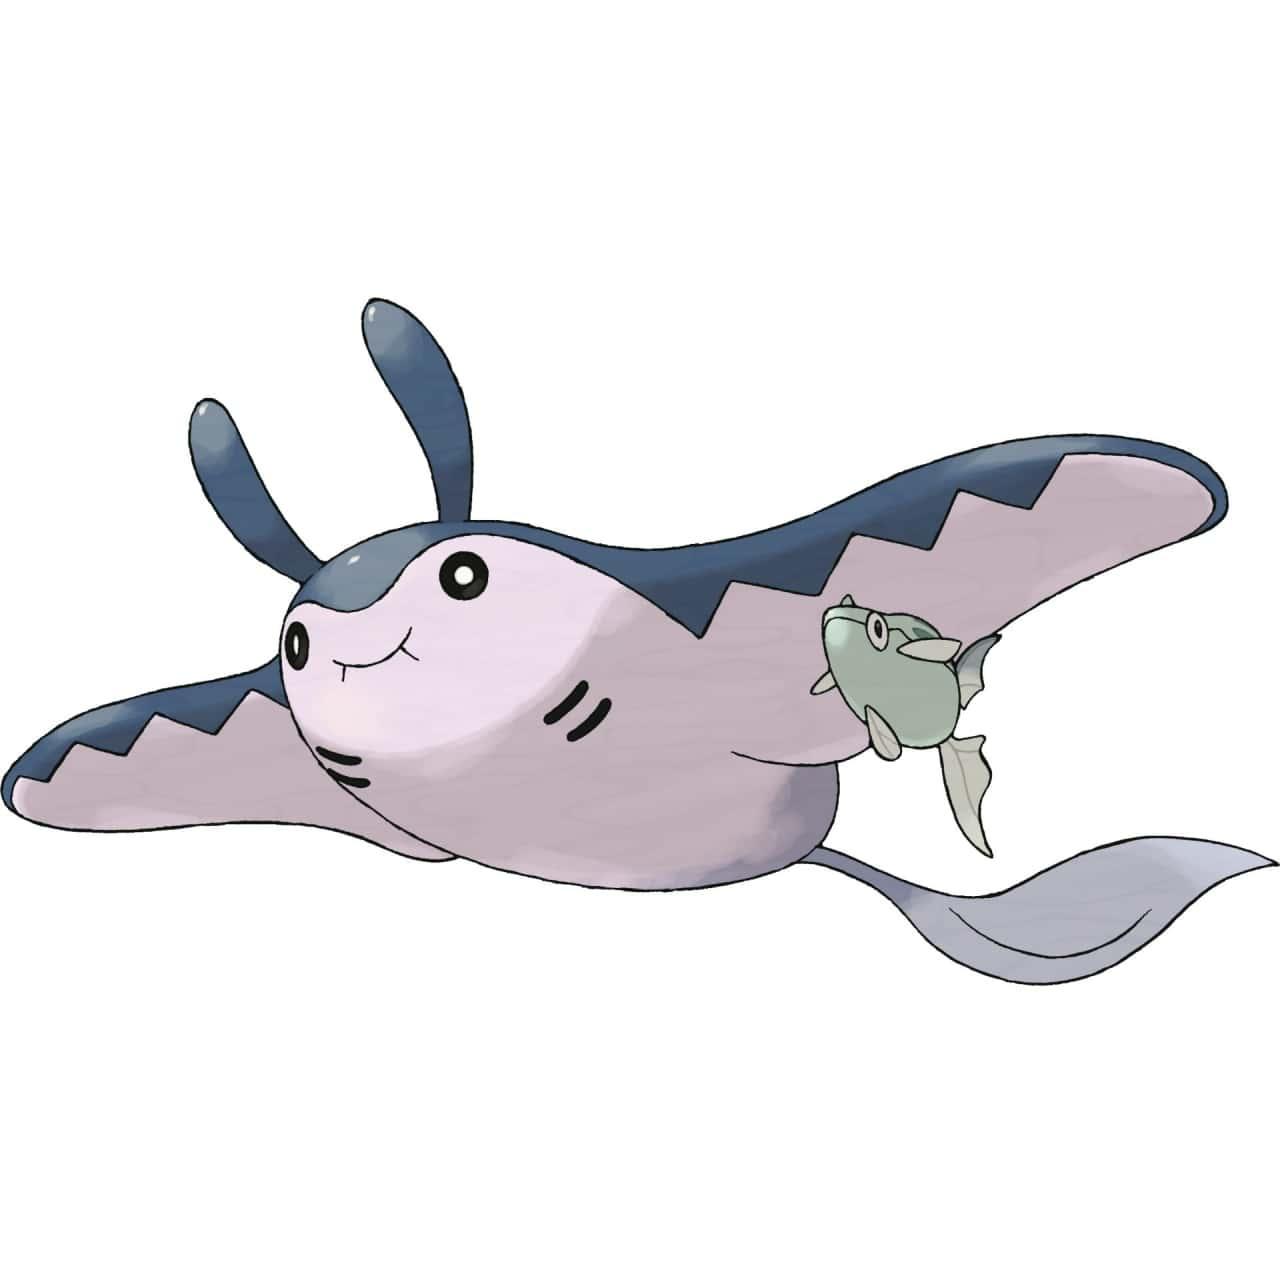 【攻略】Pokemon GO 巨翅飛魚屬性圖鑑 巨翅飛魚怎麼樣